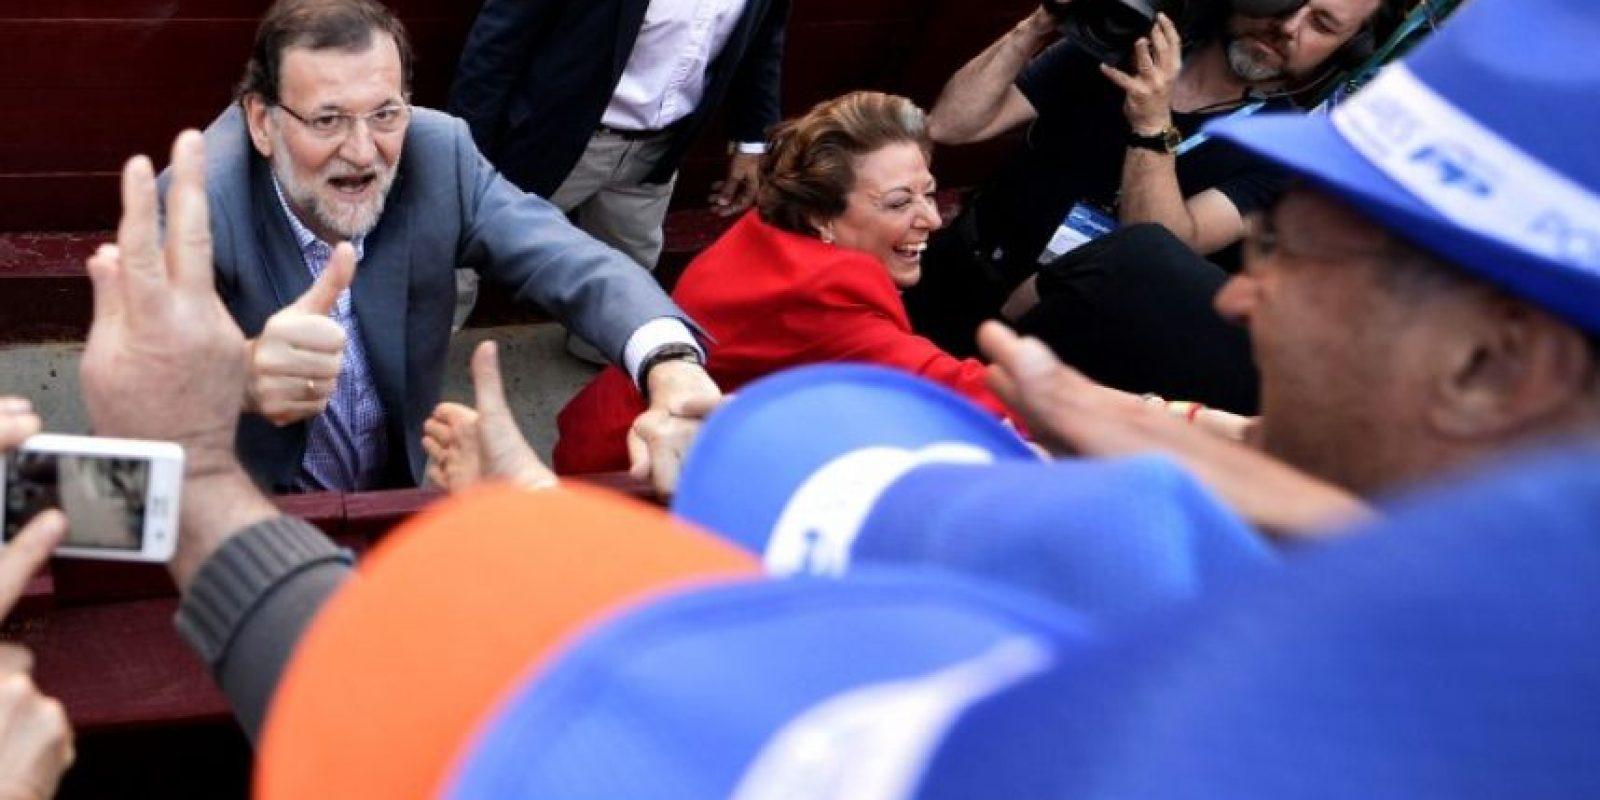 Estos partidos surgieron ante las situaciones de corrupción, desempleo y pobreza que han azotado a España en los últimos años Foto:AFP